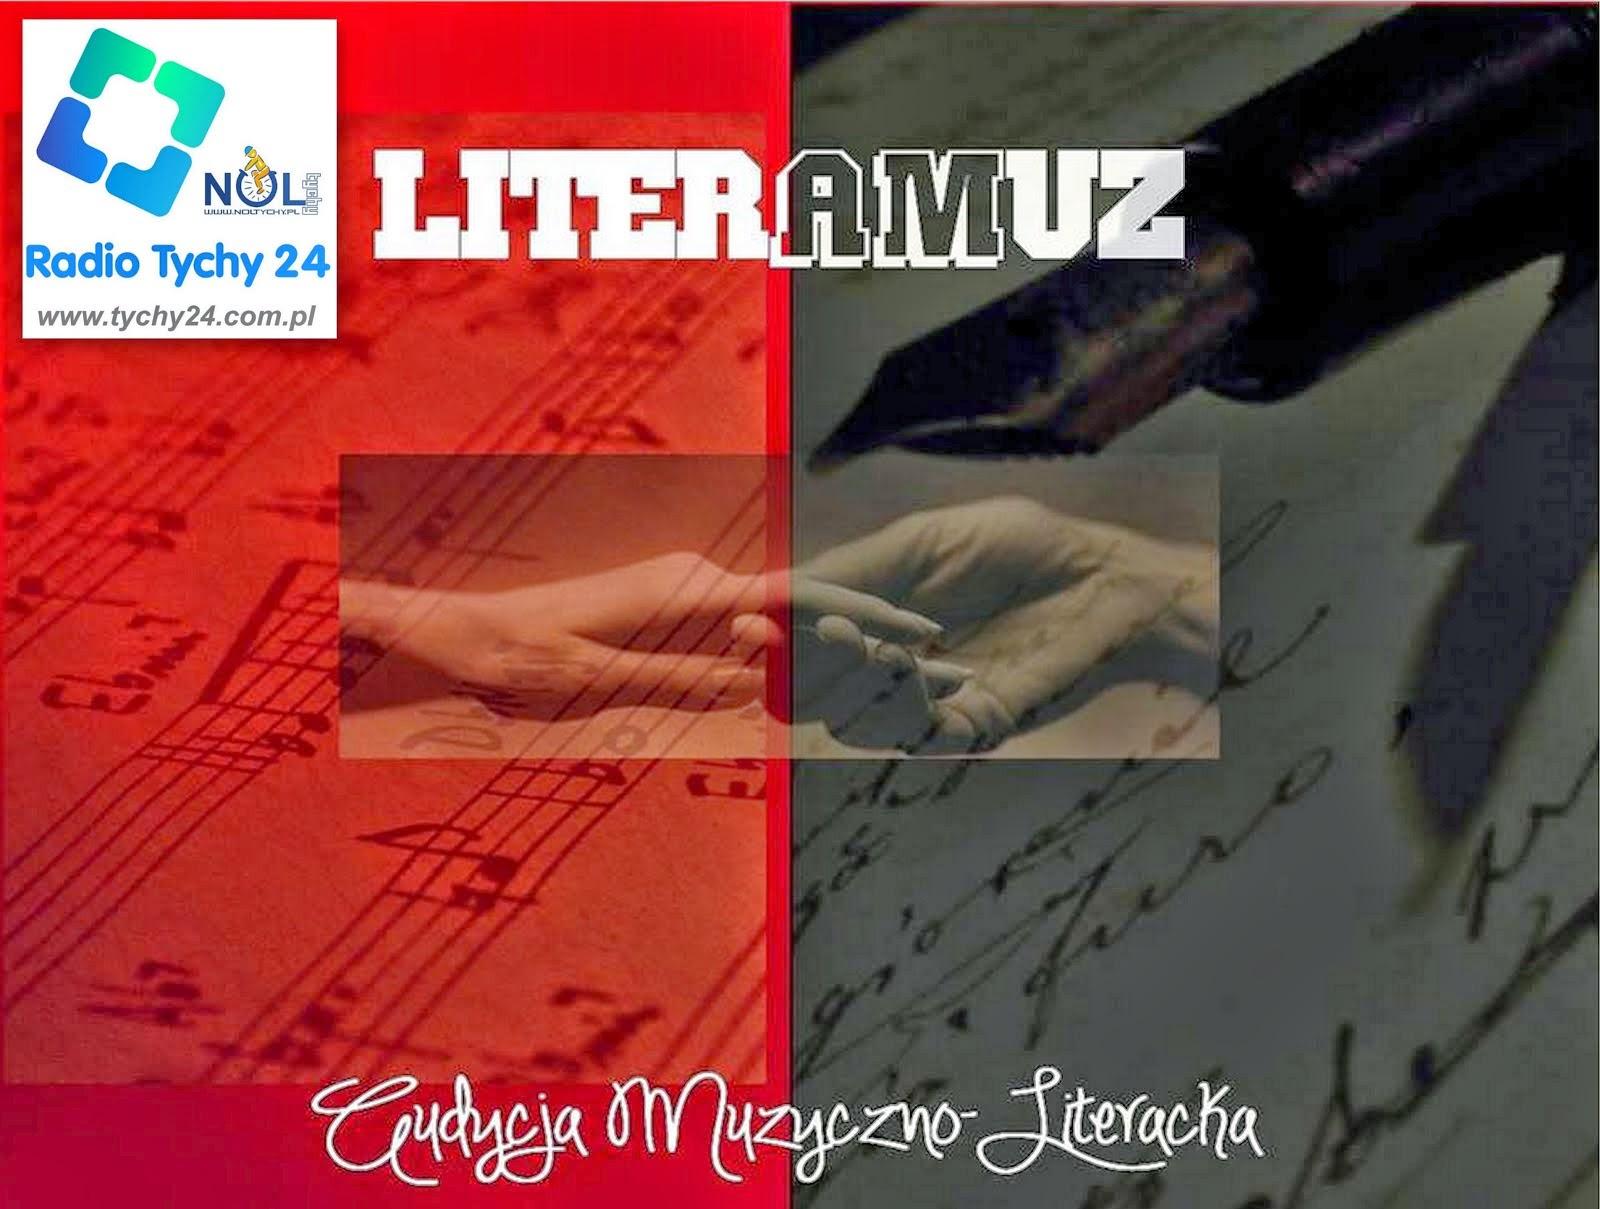 LITERAMUZ radiotychy24 NOL